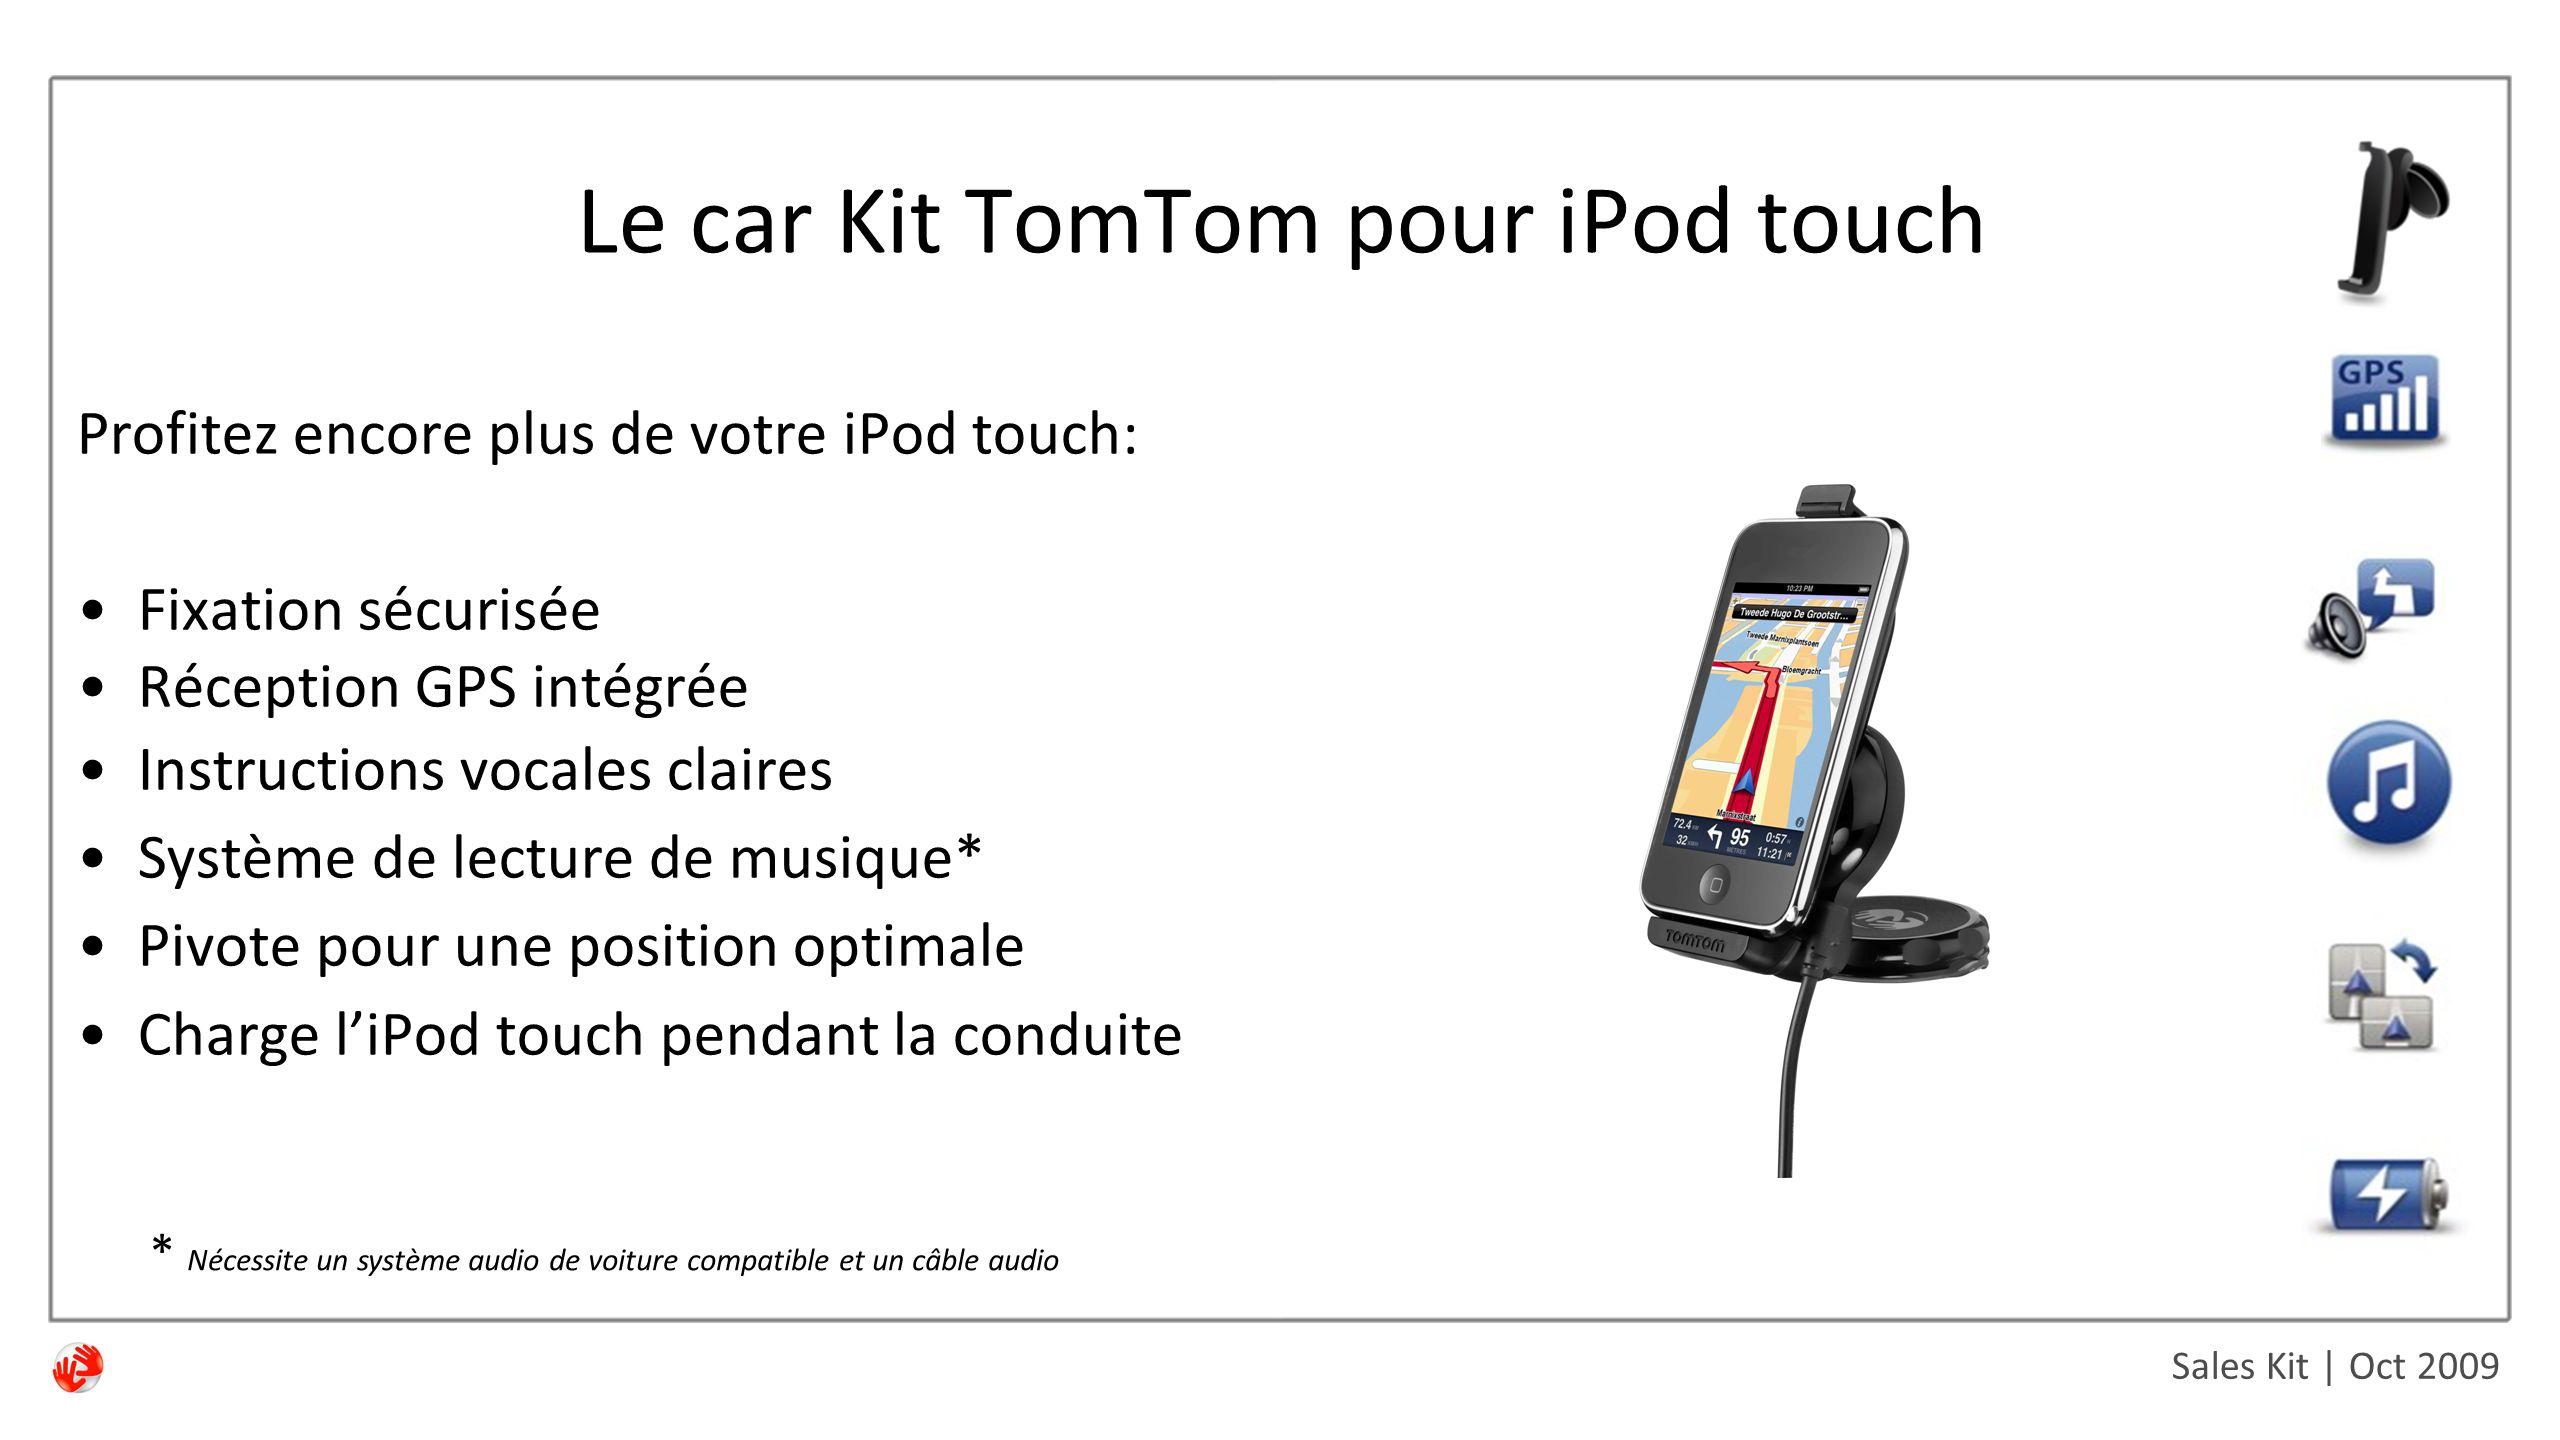 Sales Kit | Oct 2009 Profitez encore plus de votre iPod touch: Fixation sécurisée Réception GPS intégrée Instructions vocales claires Système de lecture de musique* Pivote pour une position optimale Charge l'iPod touch pendant la conduite Le car Kit TomTom pour iPod touch * Nécessite un système audio de voiture compatible et un câble audio